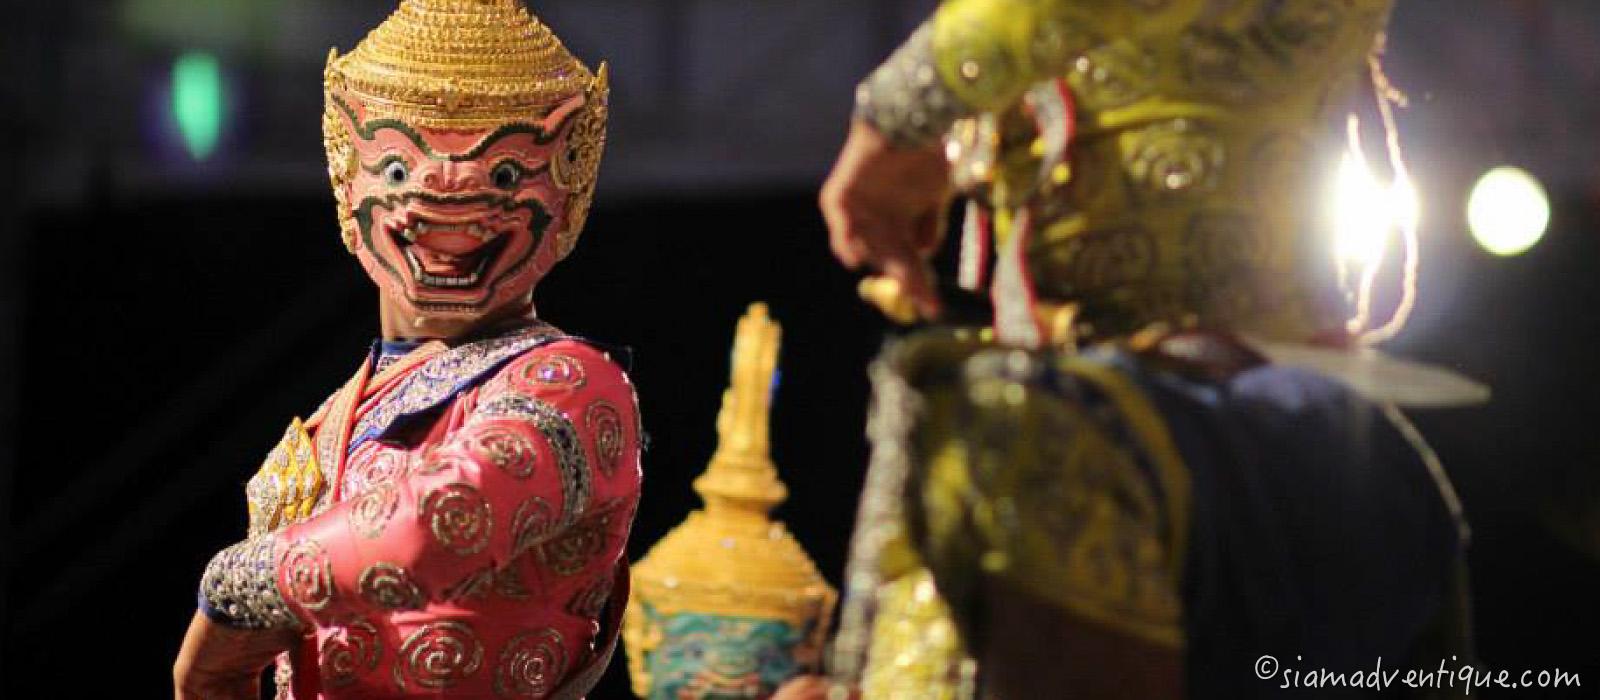 The Masked Khon Drama